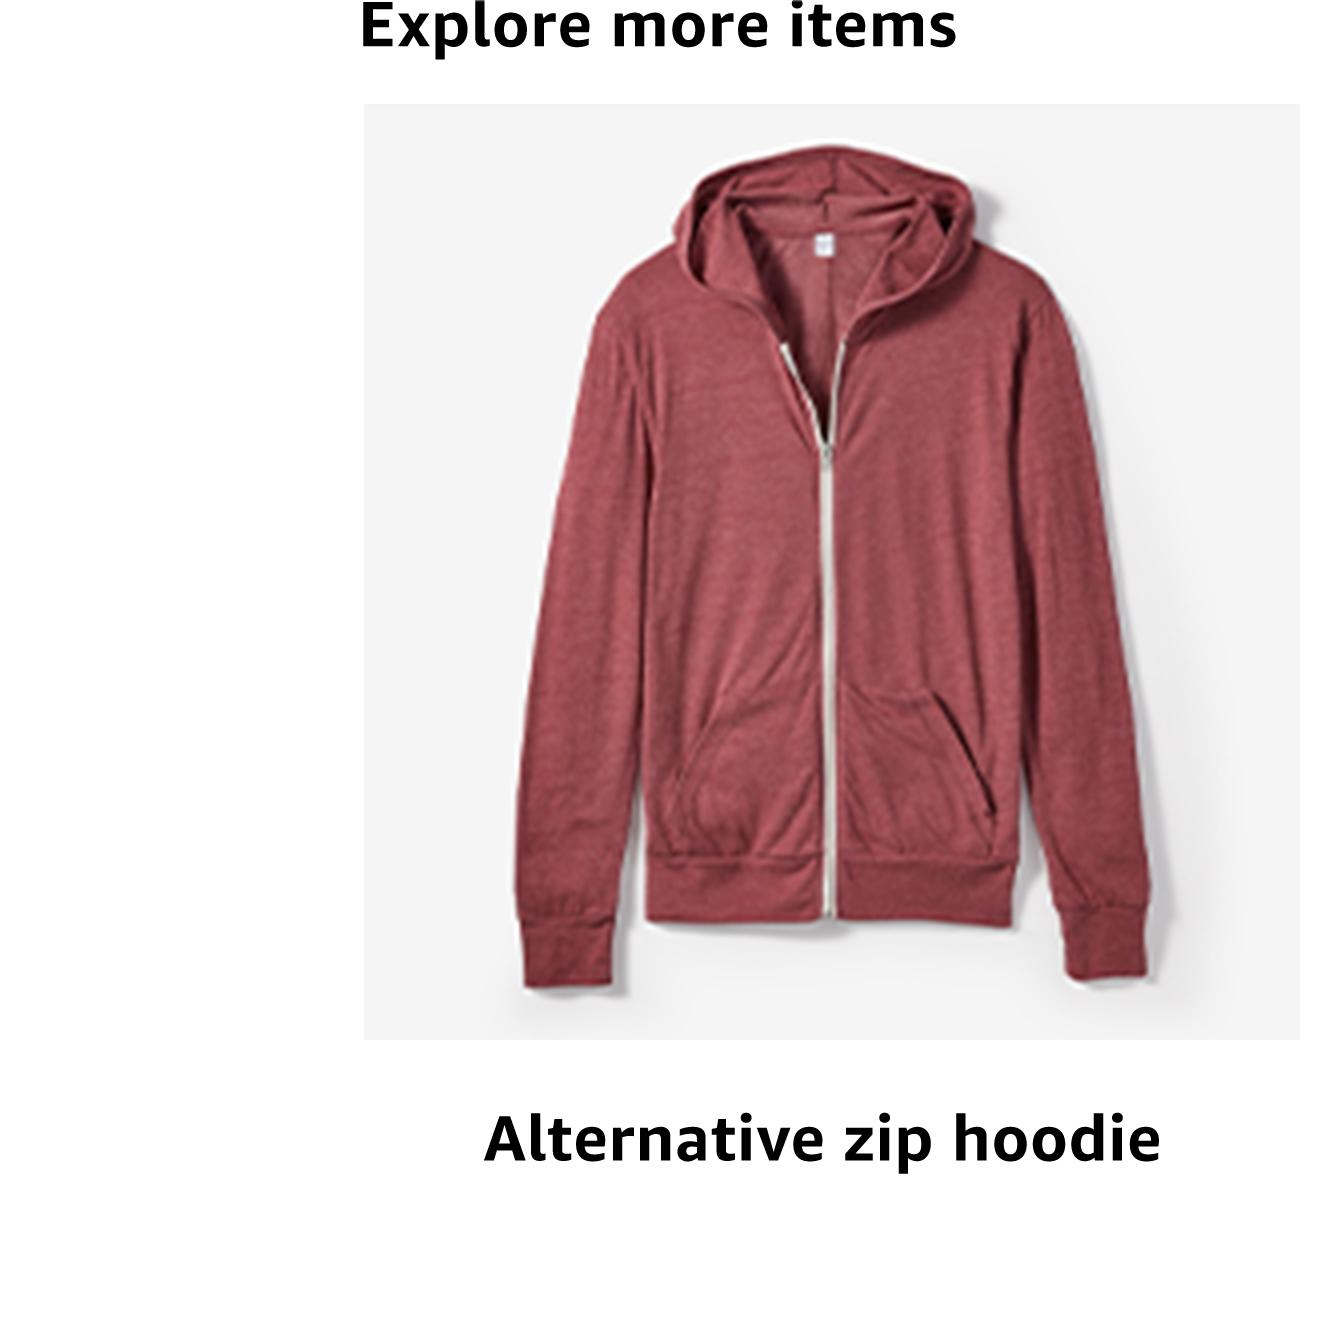 Alternative zip hoodie